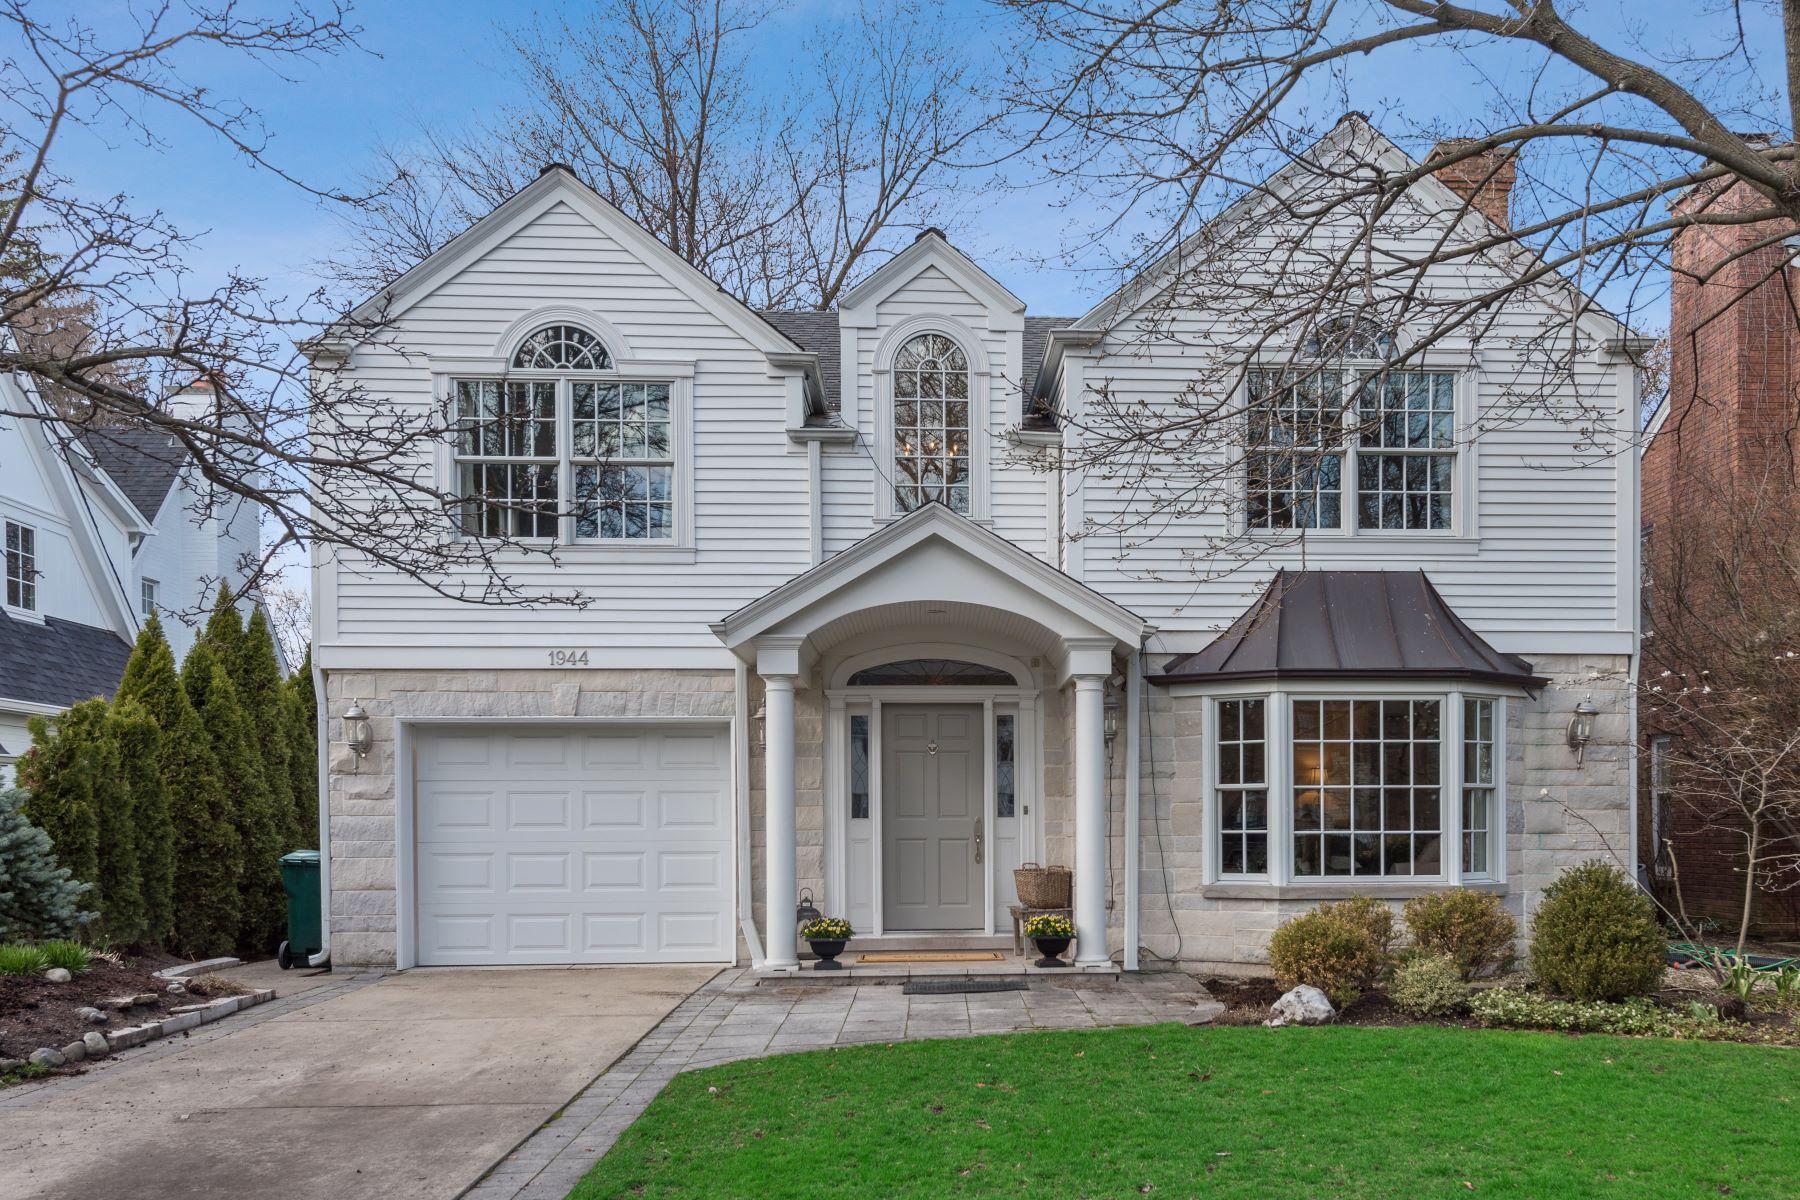 Частный односемейный дом для того Продажа на Stunning Classic Colonial 1944 Chestnut Avenue Wilmette, Иллинойс 60091 Соединенные Штаты